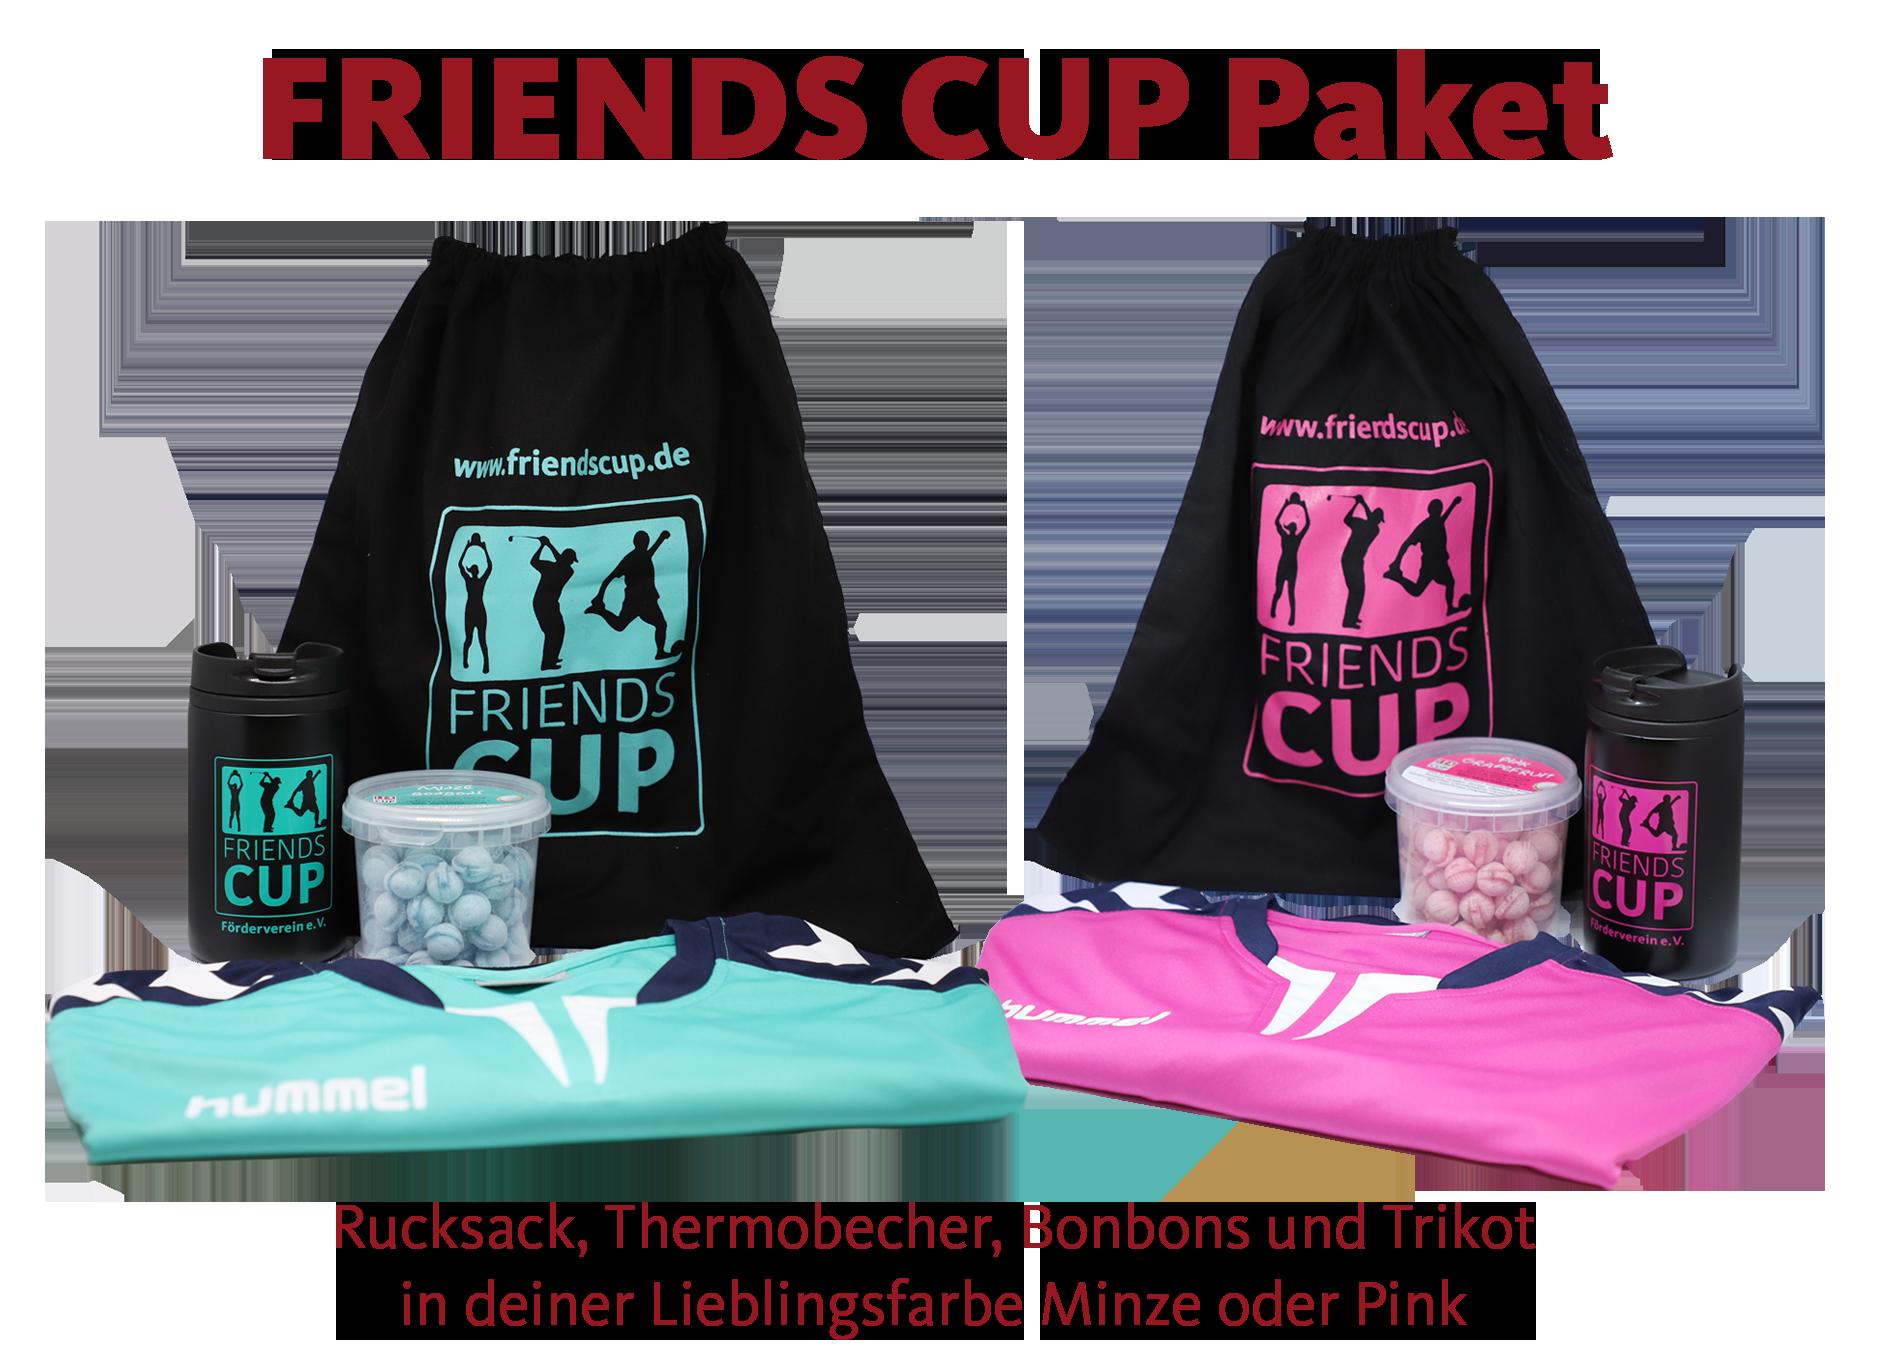 FRIENDS CUP Kollektion